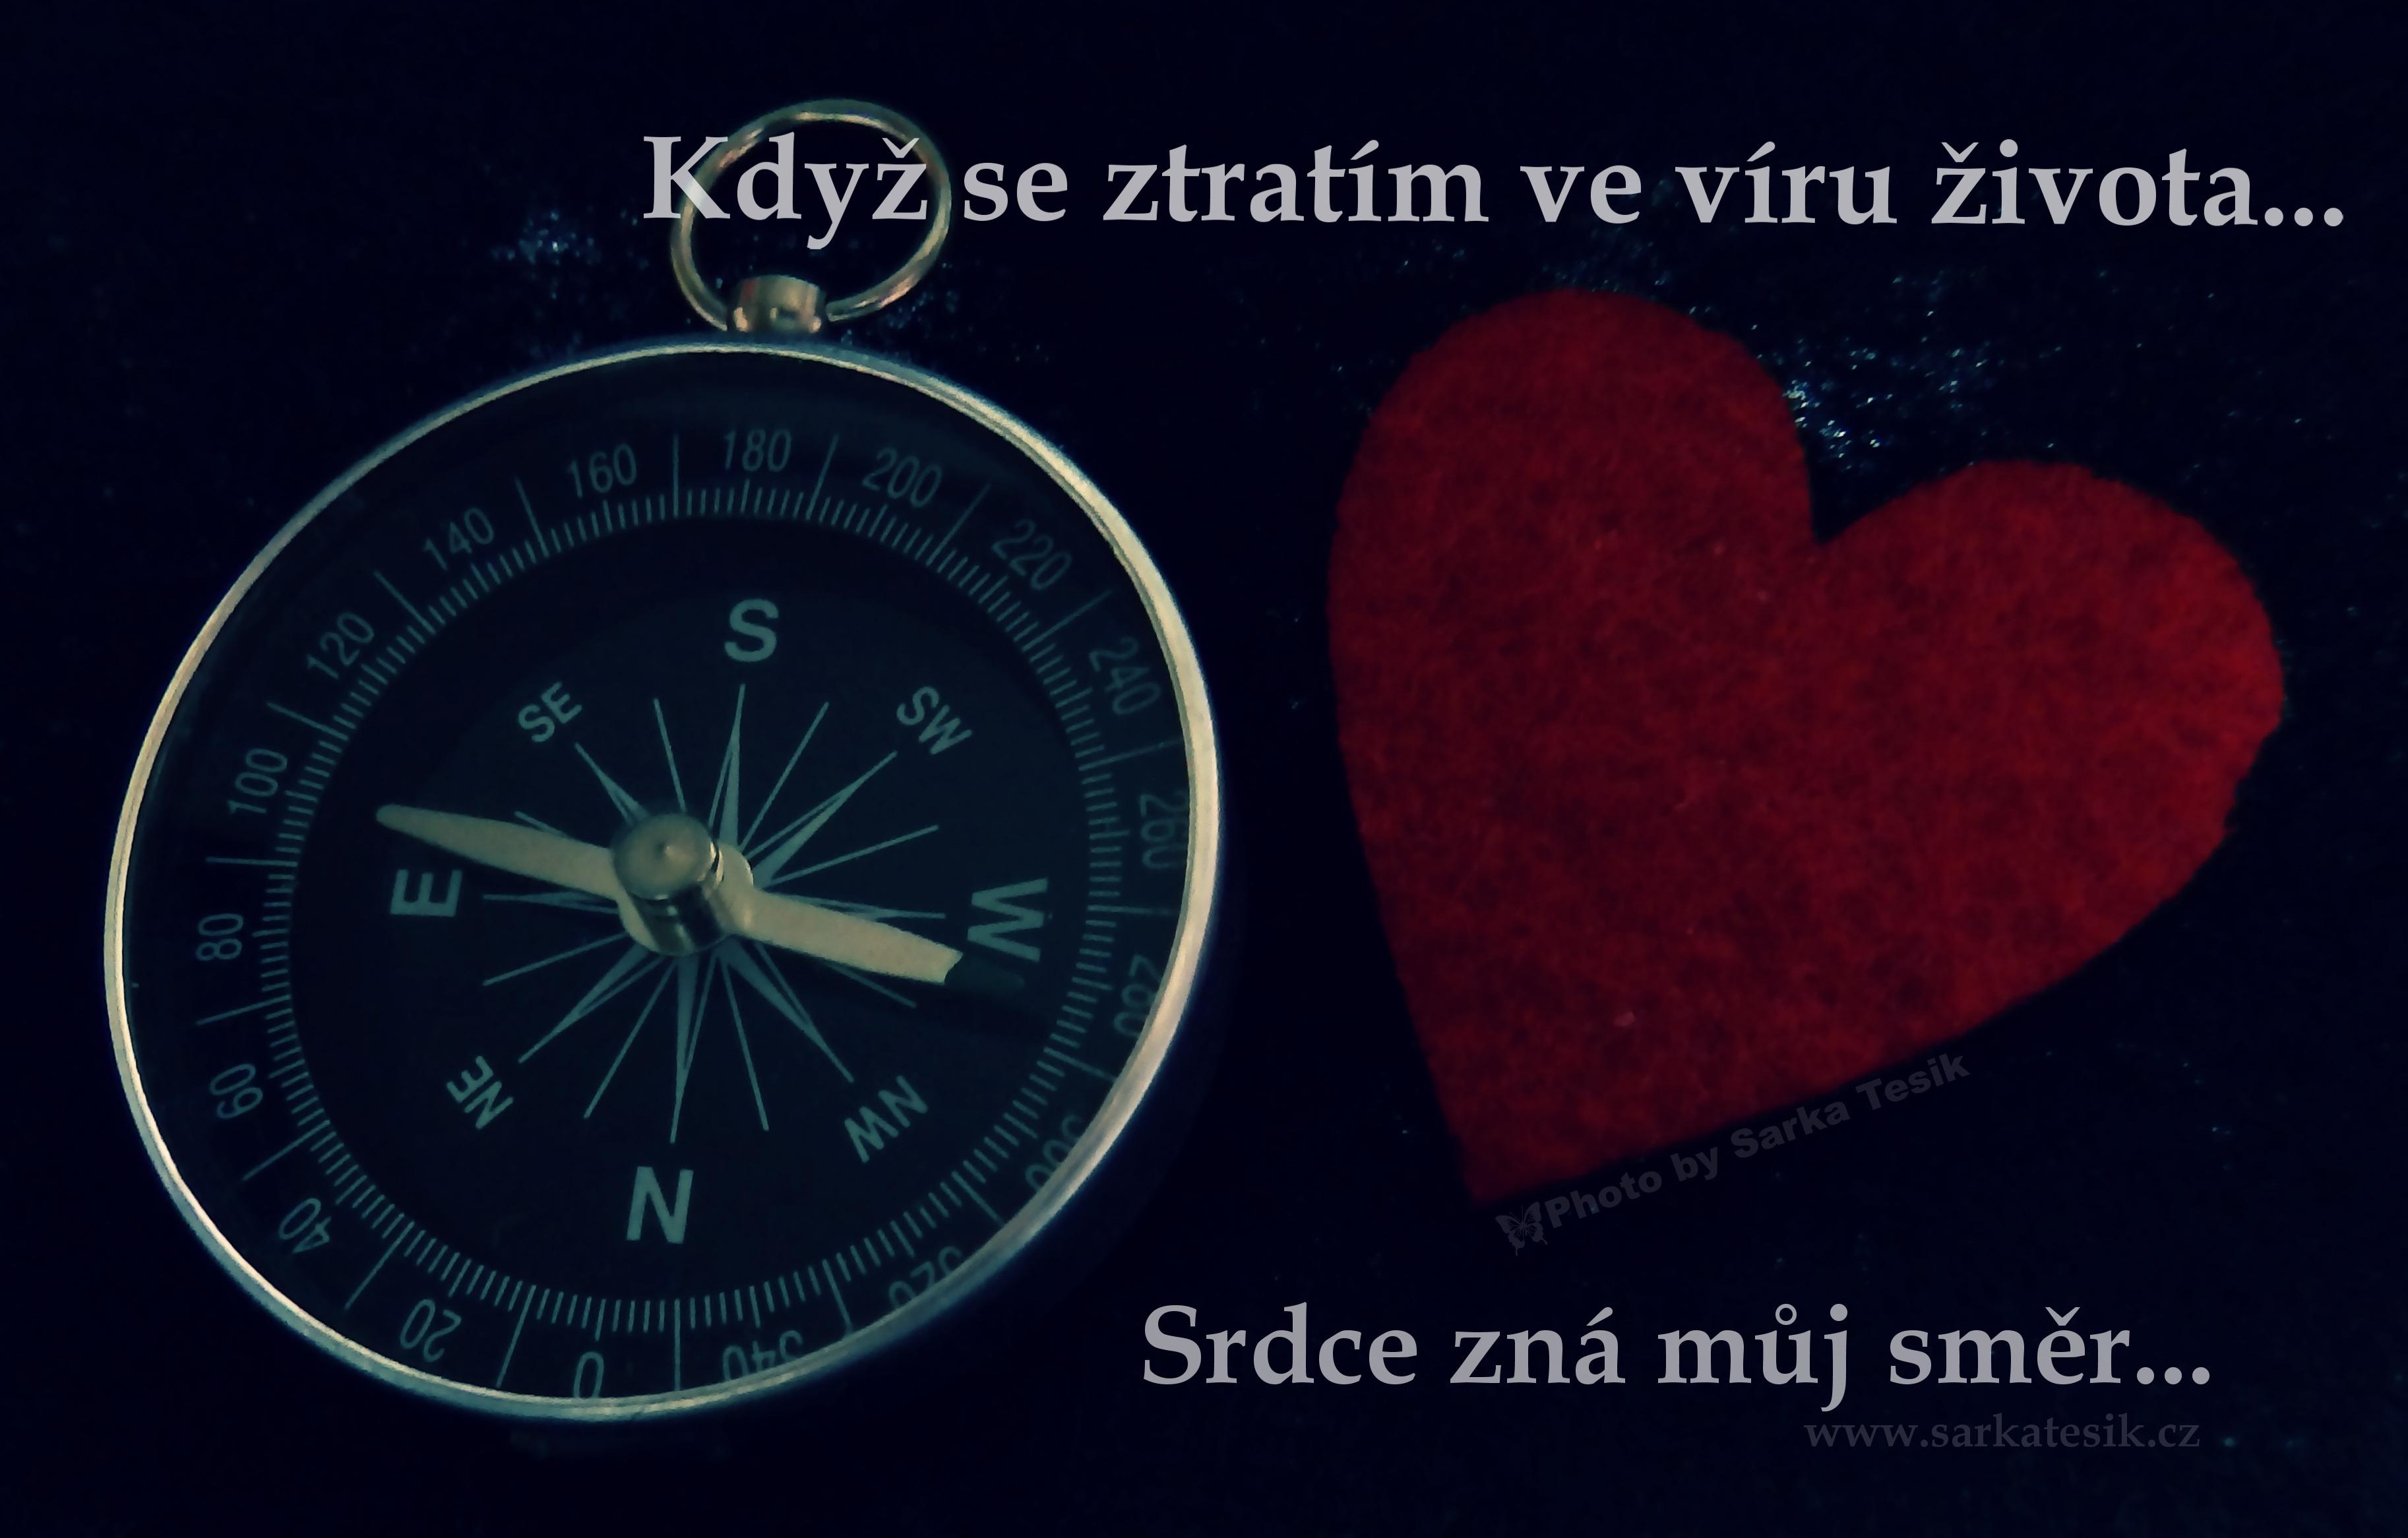 Srdce zná směr...